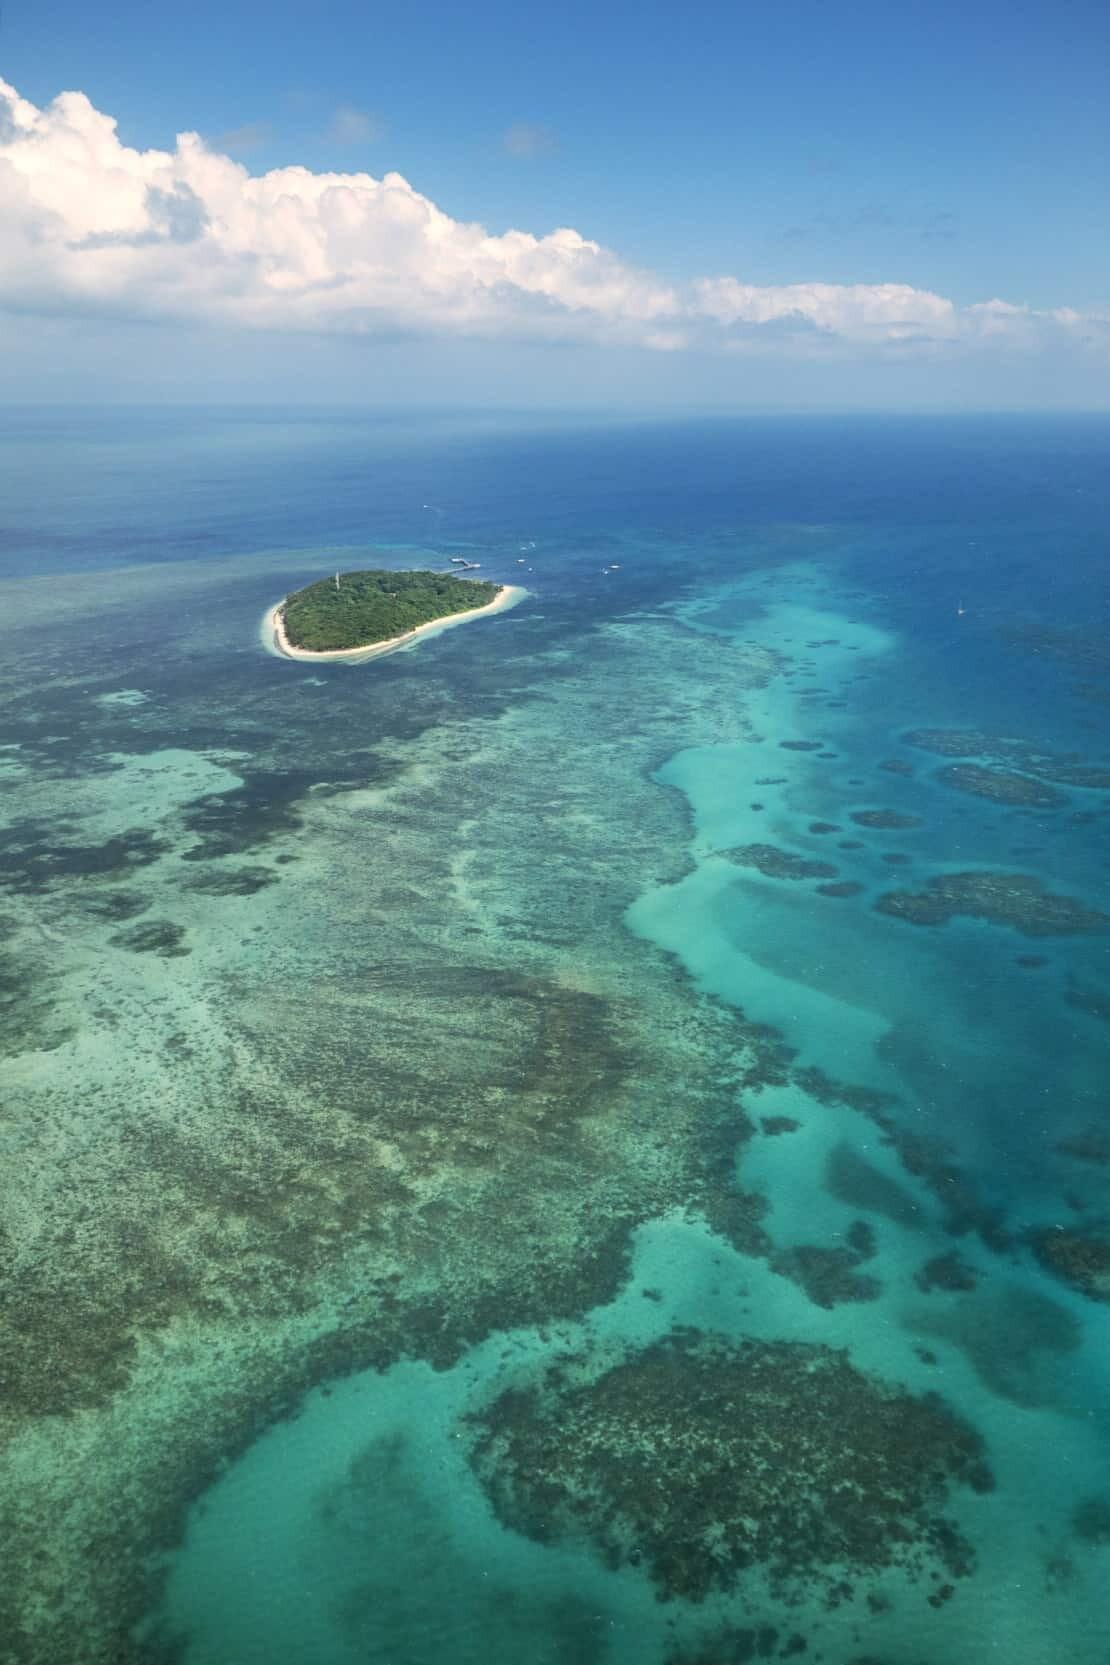 Green Island, Cairns Australia, Great Barrier Reef.